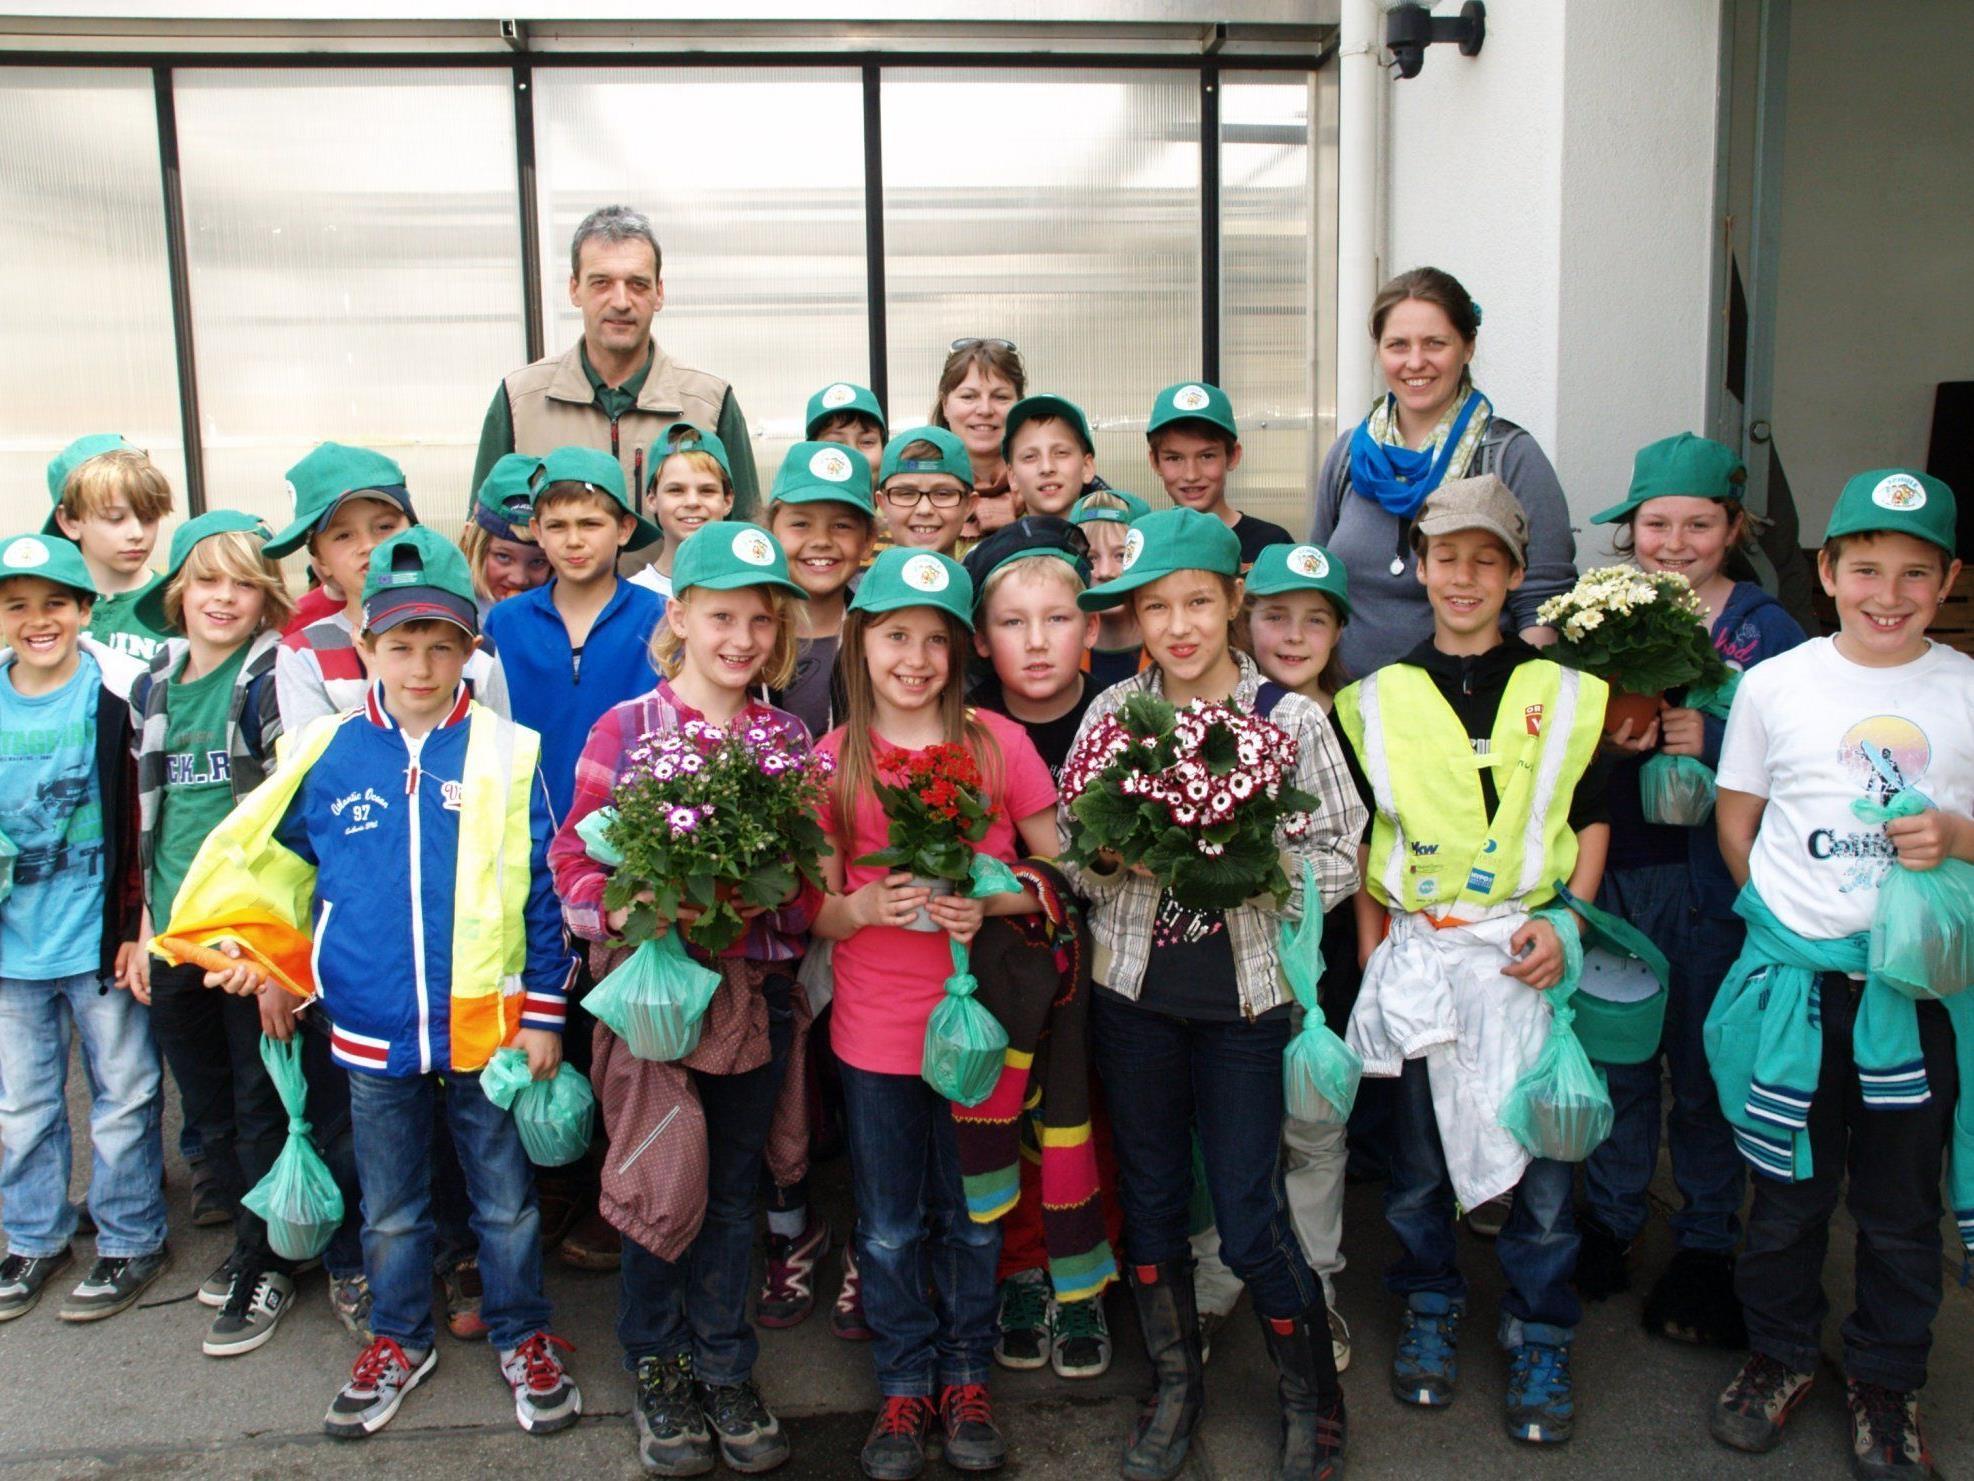 Die Batschunser Schüler besuchten im Rahmen des Unterrichts die Gärtnerei Rauch.